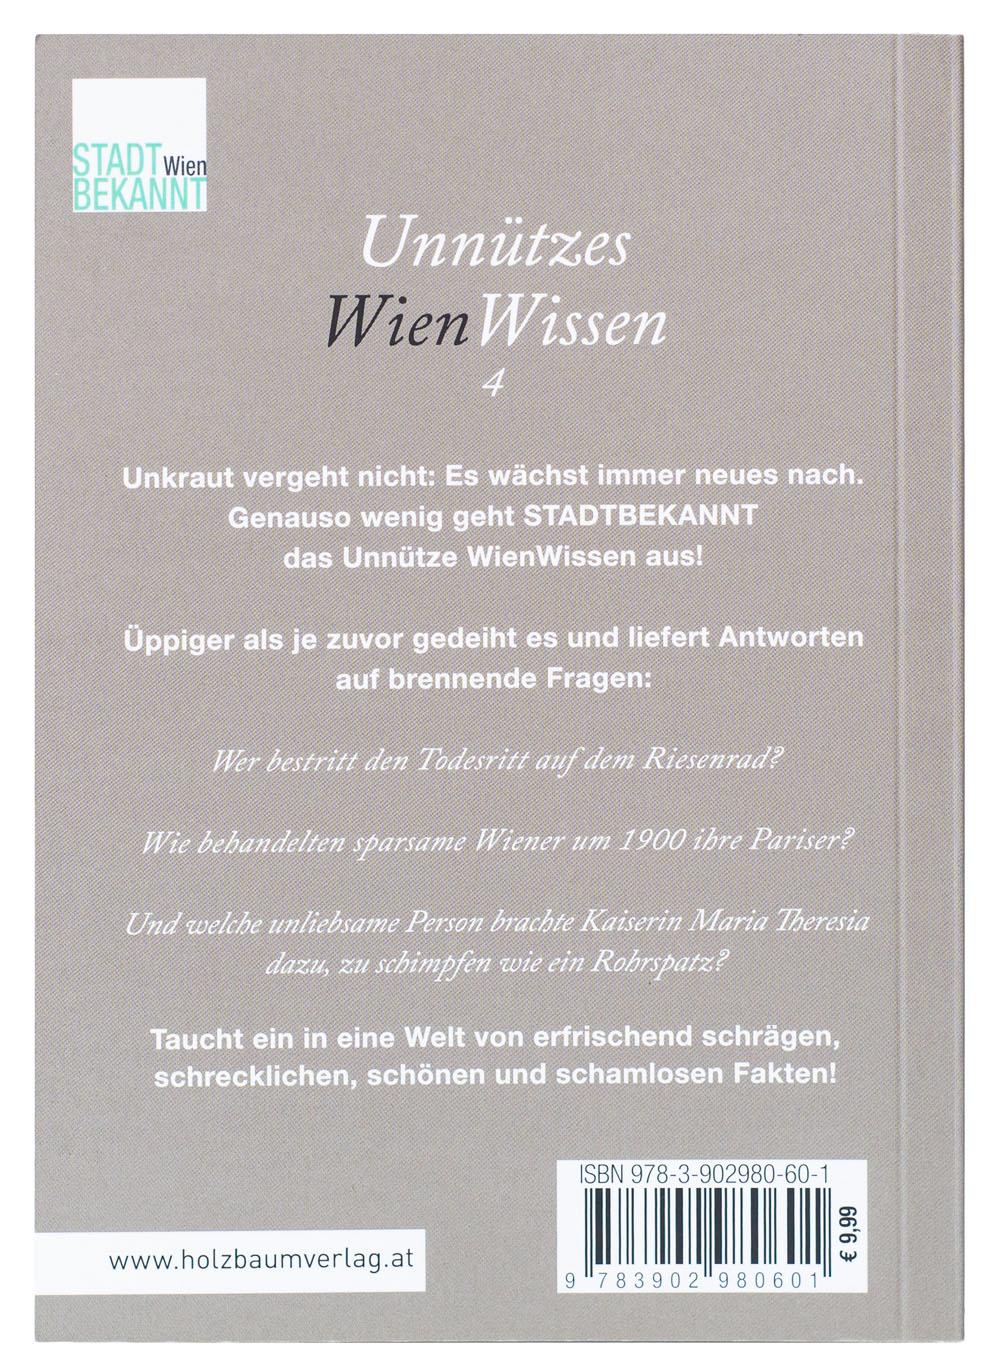 Unnützes WienWissen4 - Rückenansicht (c) STADTBEKANNT